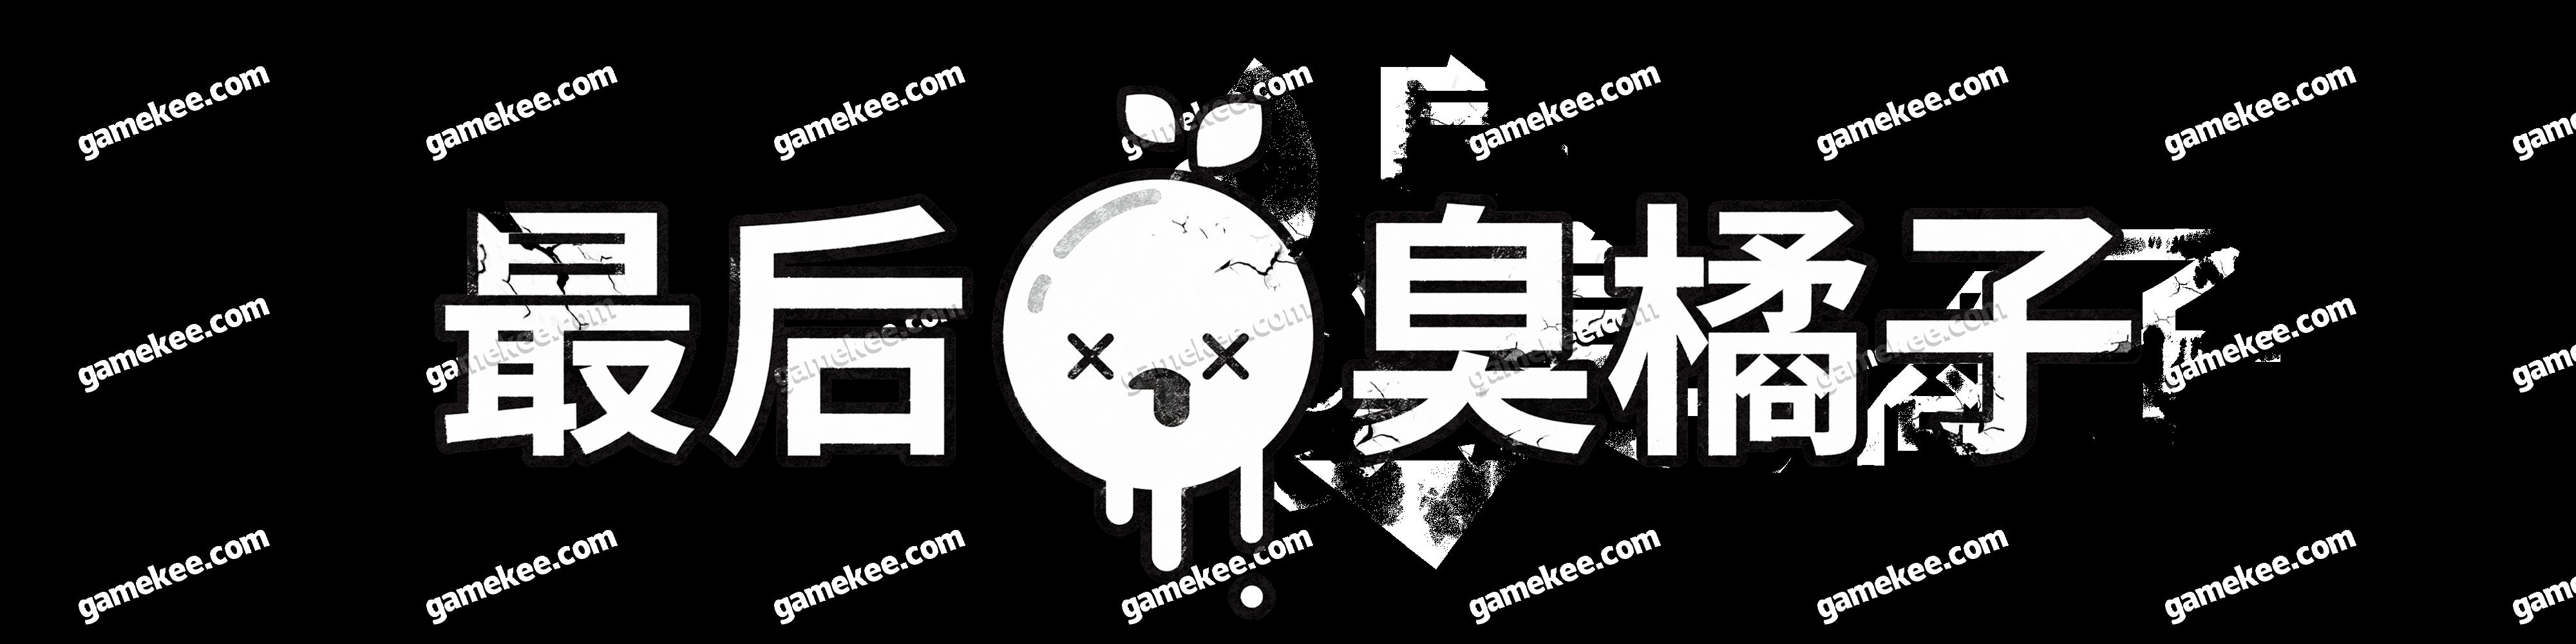 日服wiki【最后的臭橘子】攻略组招新